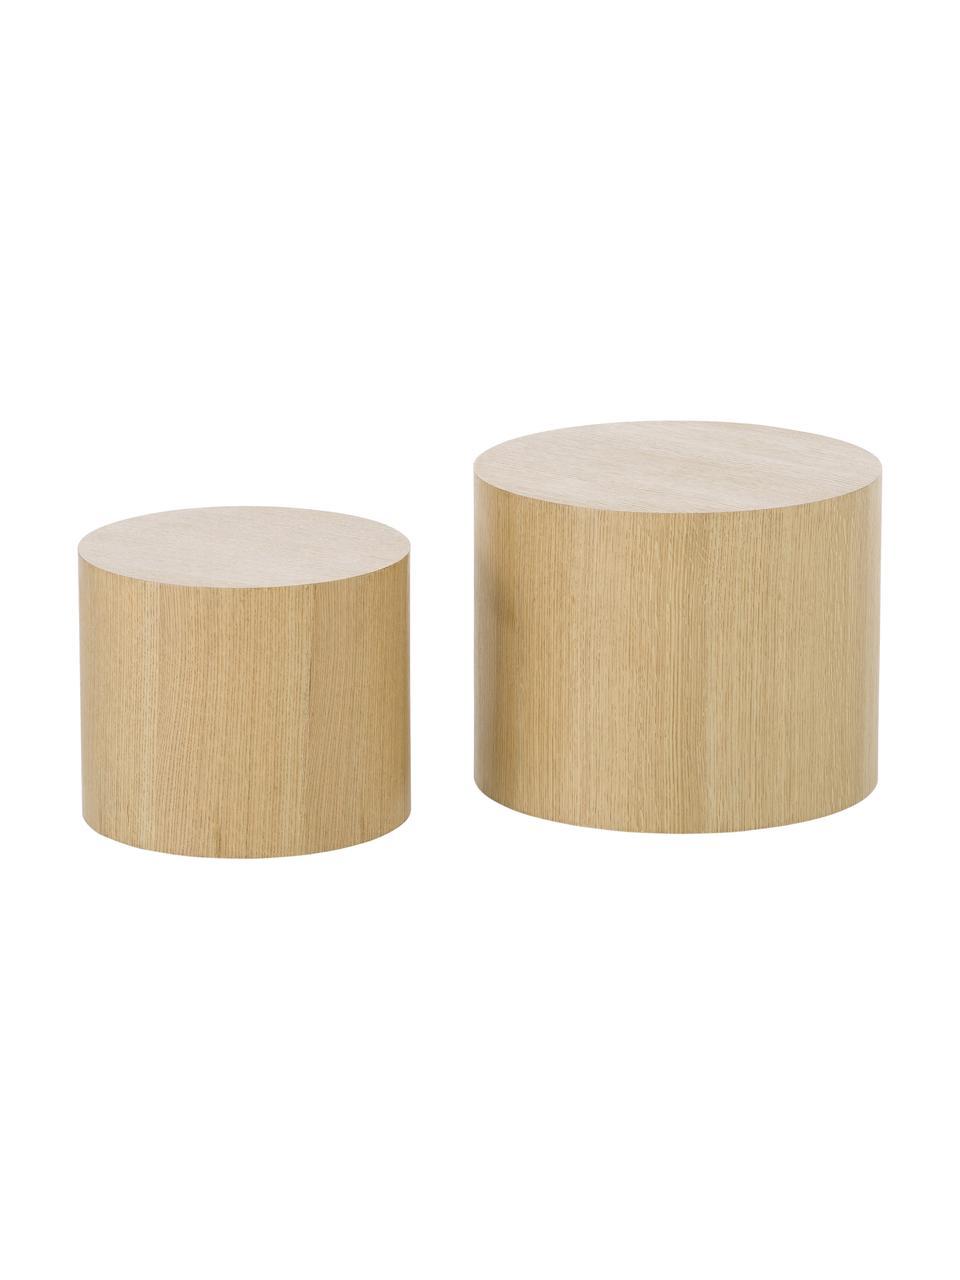 Table d'appoint ronde en bois Dan, 2élém., Aspect bois de chêne